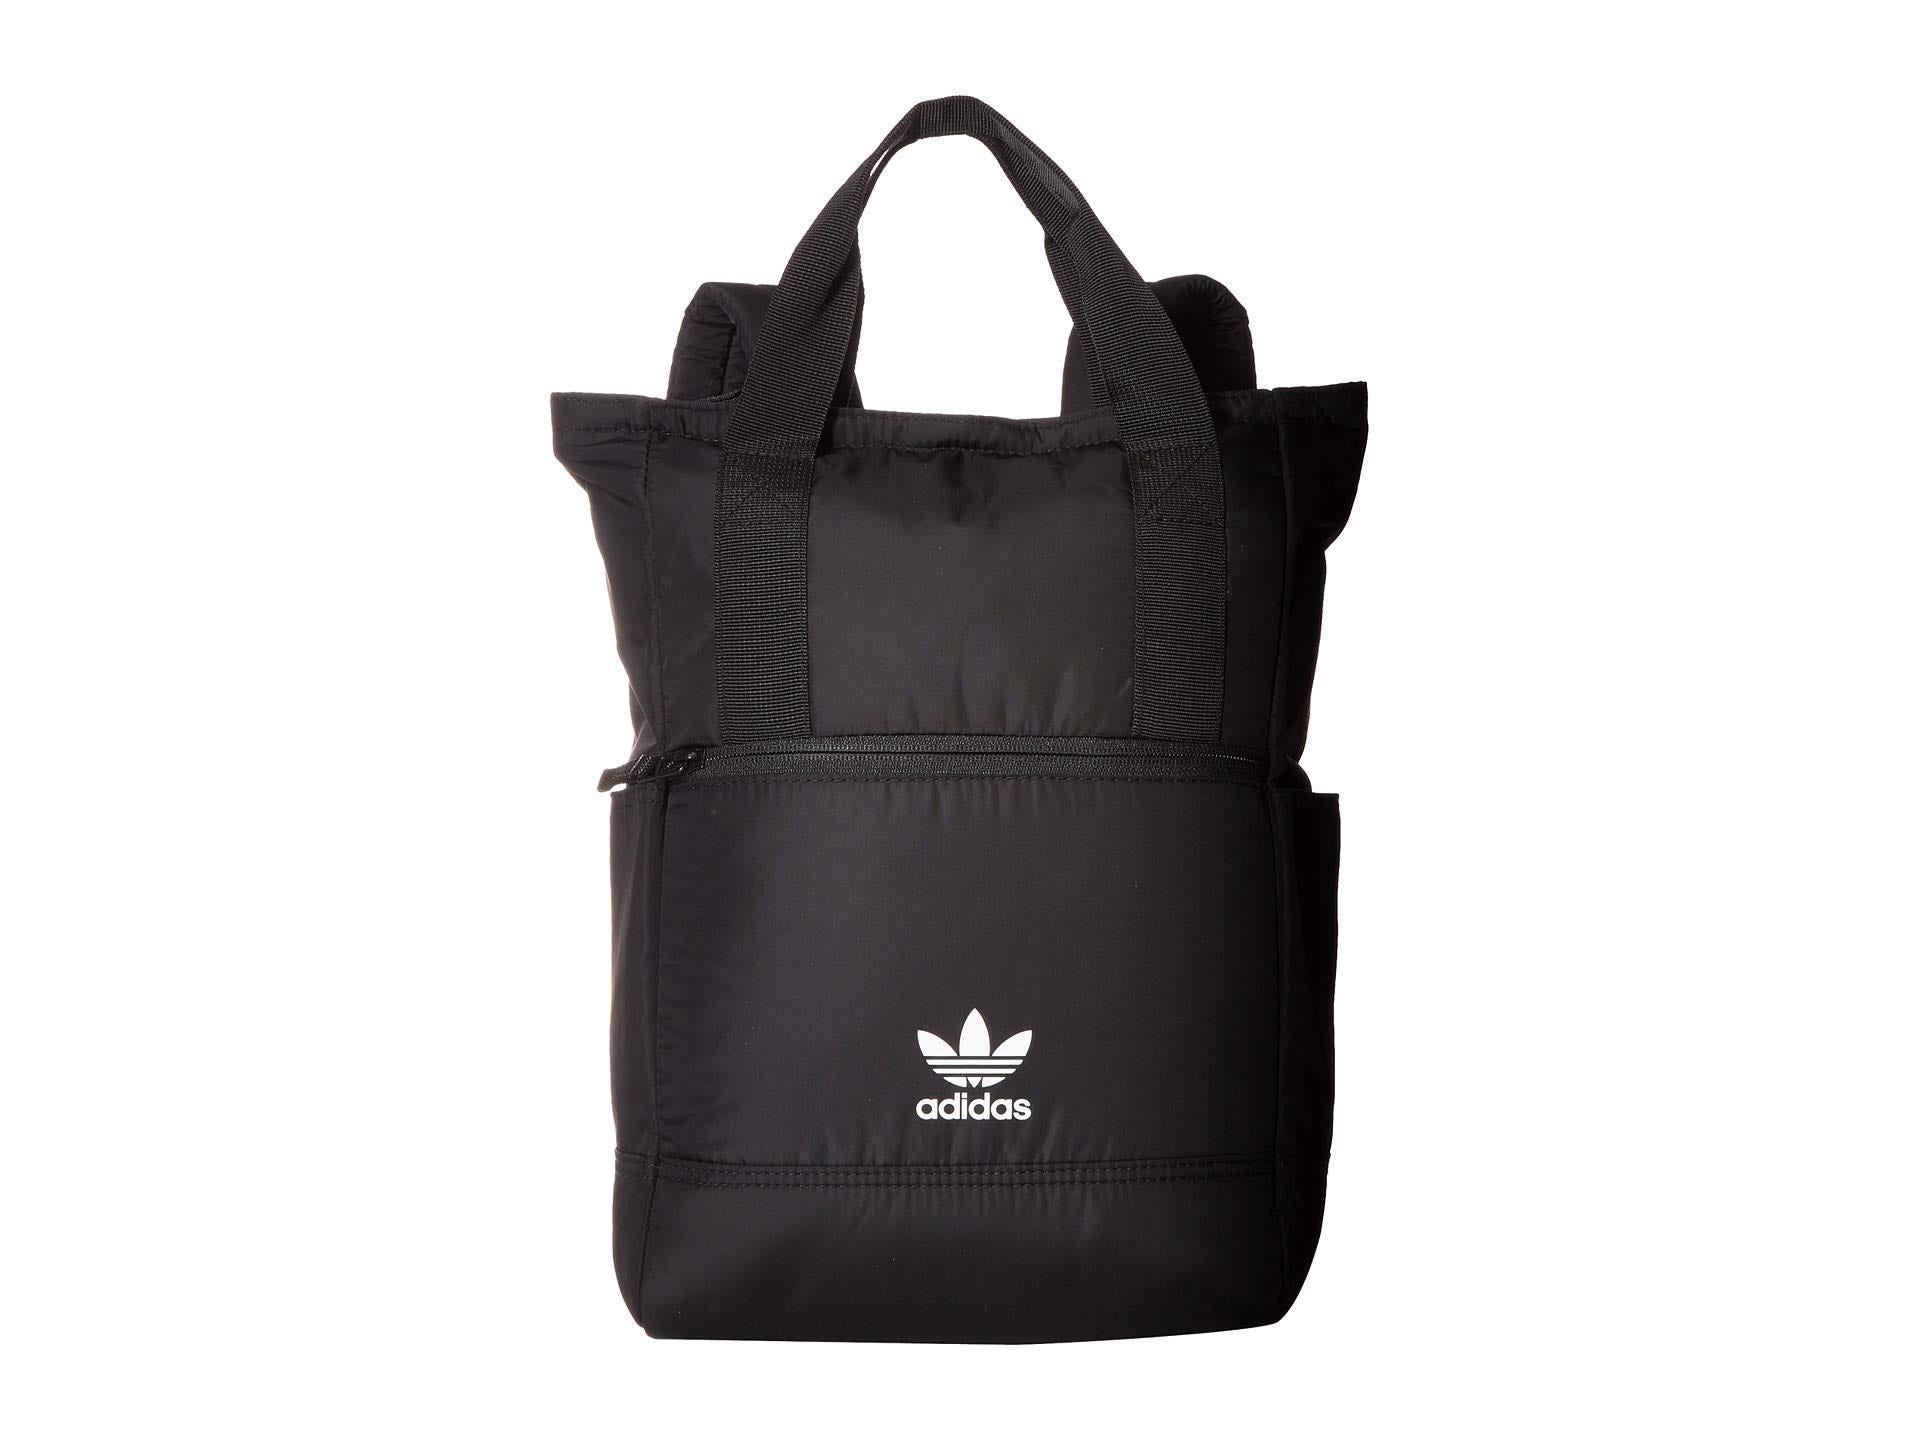 c7b0a950066f adidas Originals Originals Tote III Backpack